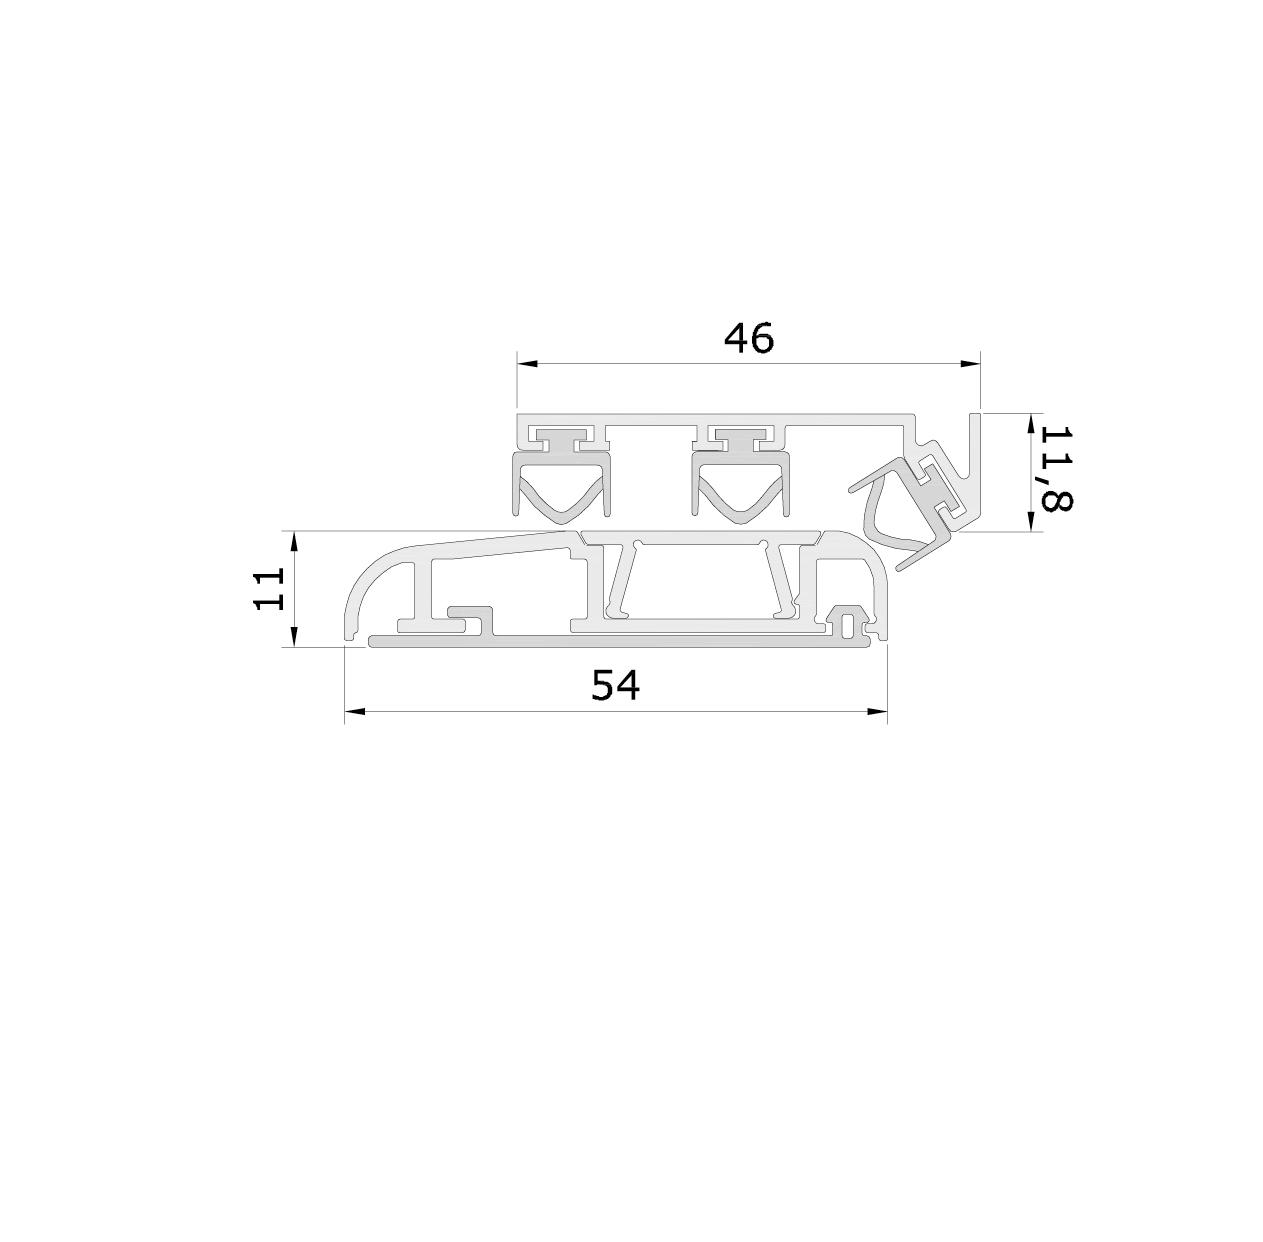 Misure standard (mm) per il paraspifferi Serie Universal 1375